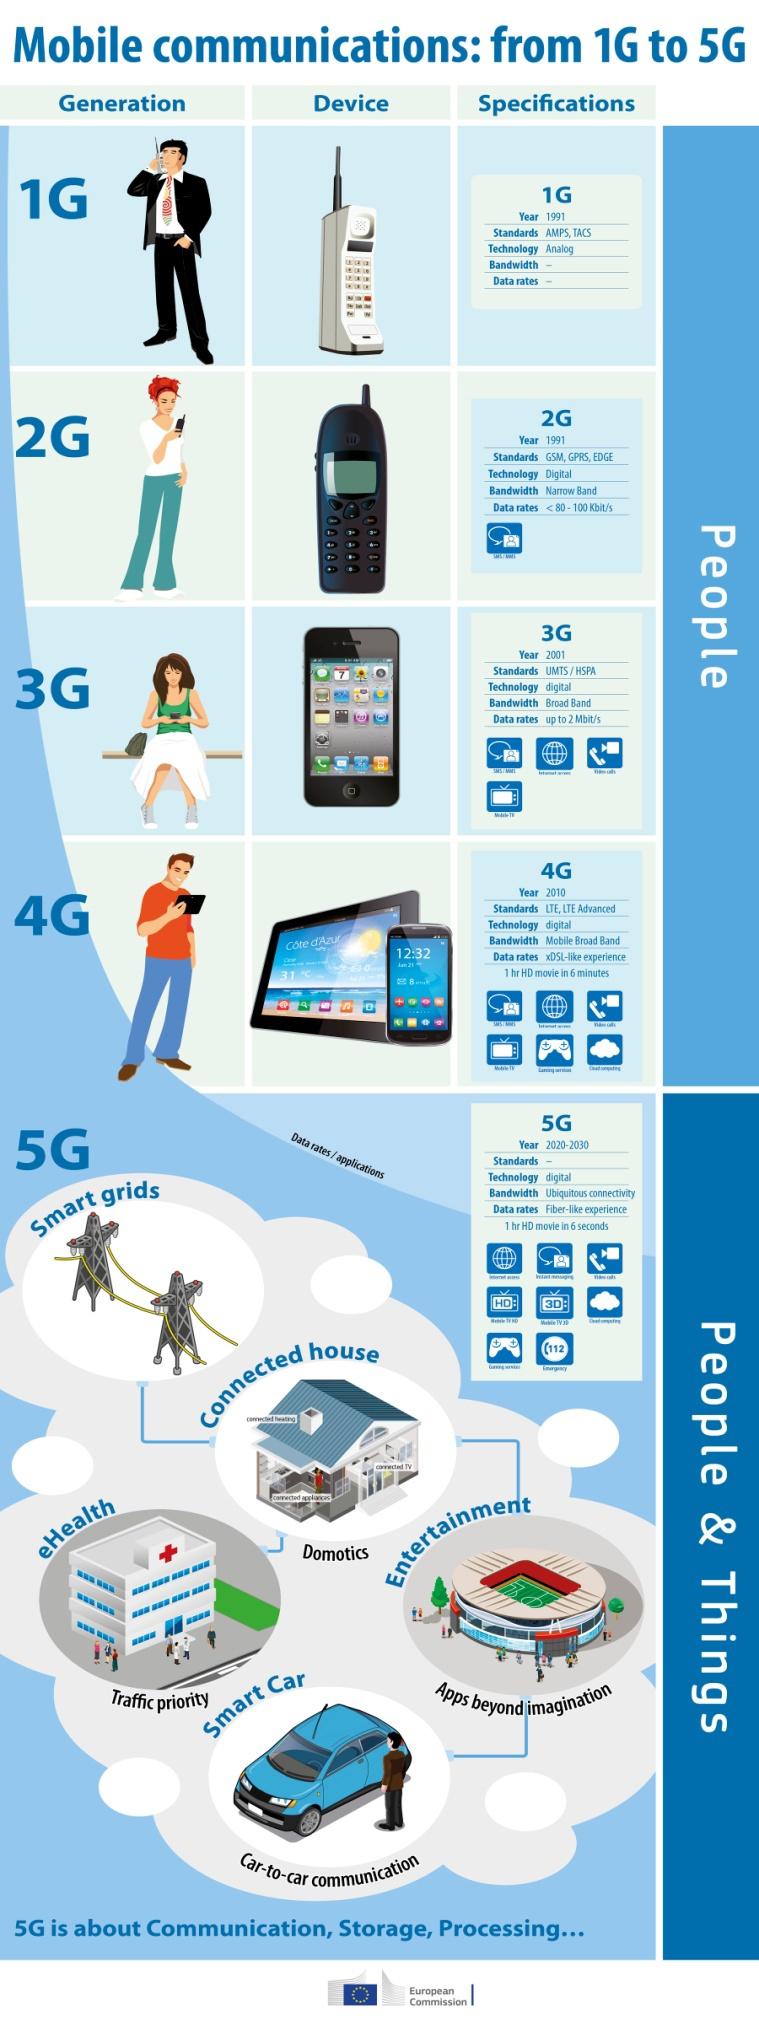 Кабмин запускает процедуру продажи лицензий связи 4G - Цензор.НЕТ 1208